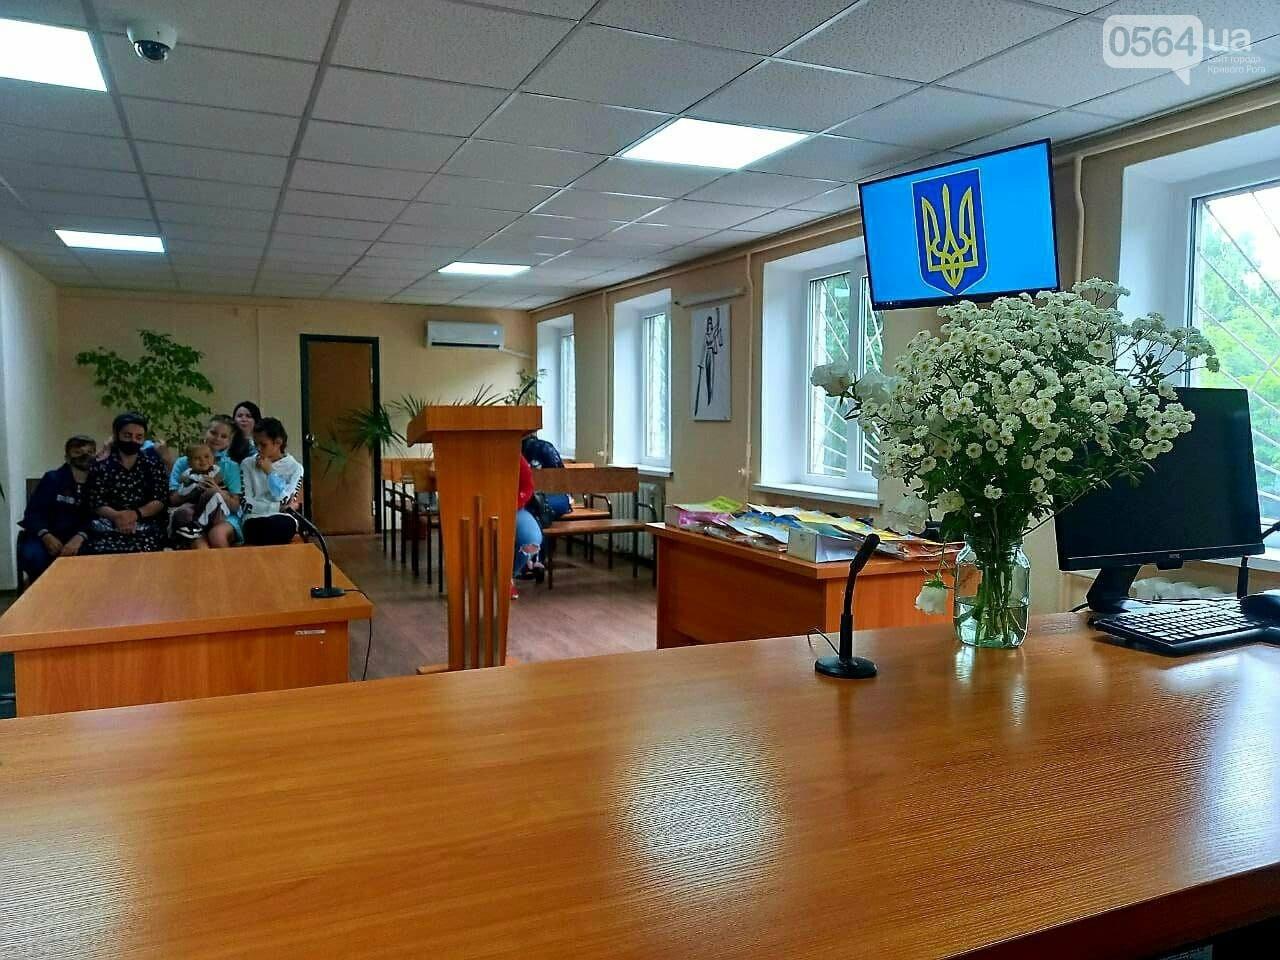 В Кривом Роге в суде наградили победителей конкурса рисунка, - ФОТО, фото-5